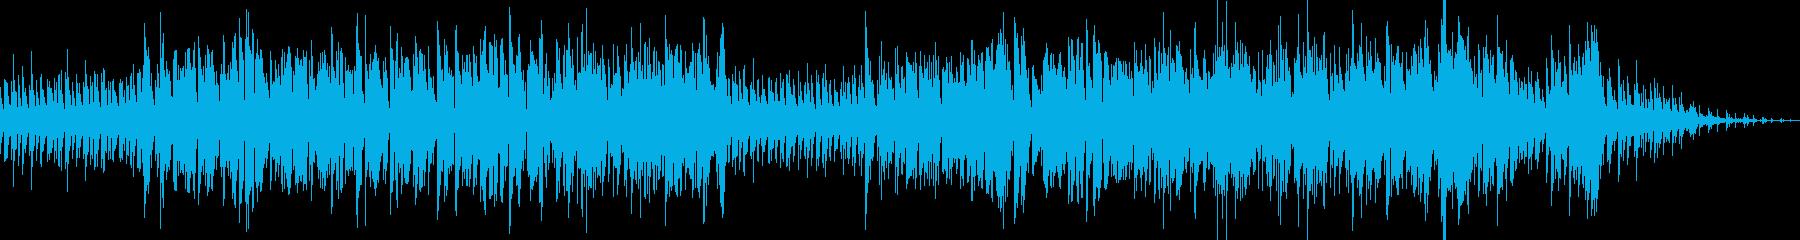 爽やかなミディアムテンポのポップスの再生済みの波形